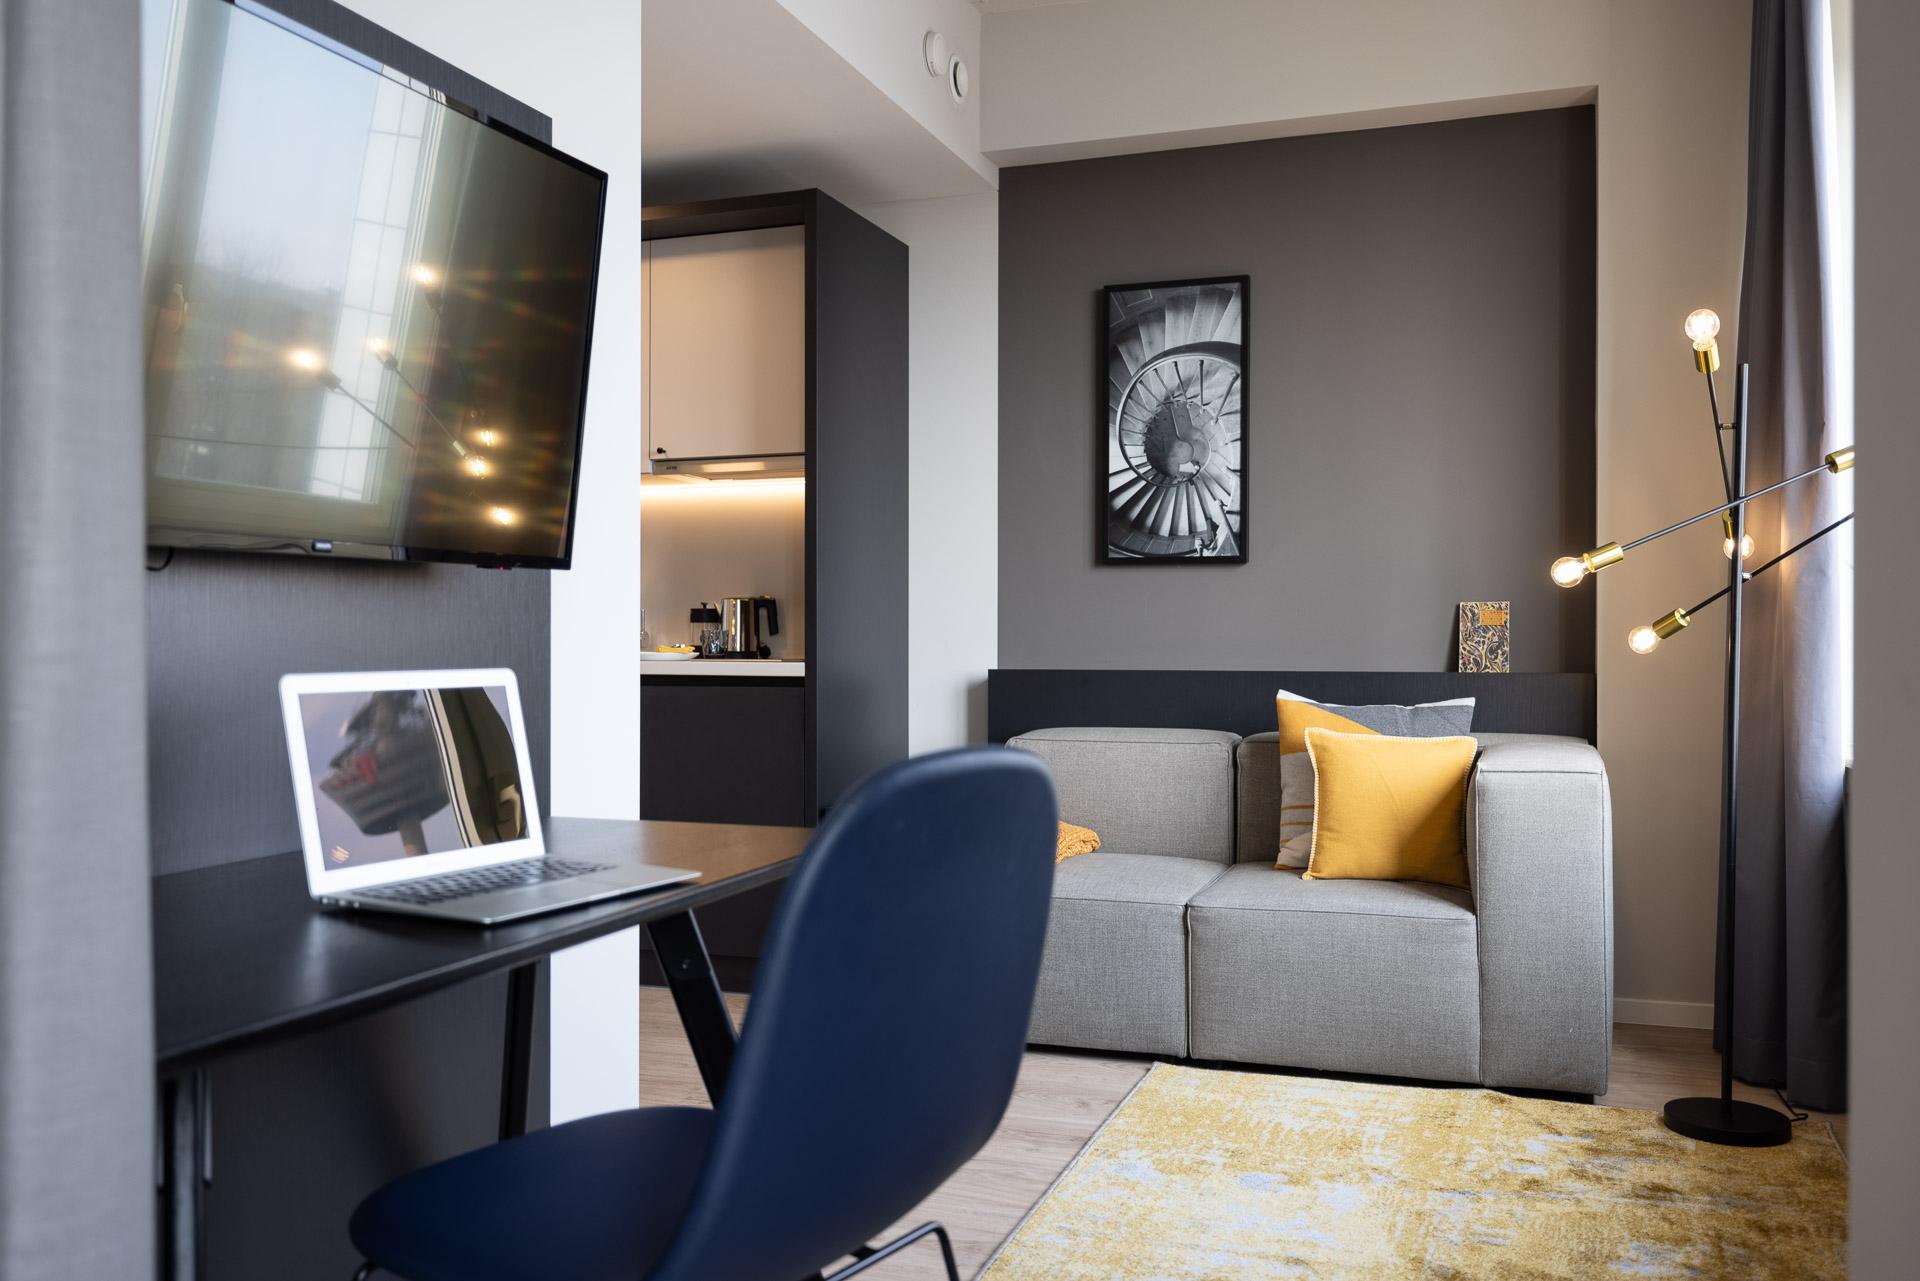 Schreibtisch mit Stuhl und Laptop , Sofe mit gelben Kissen im Hintergrund